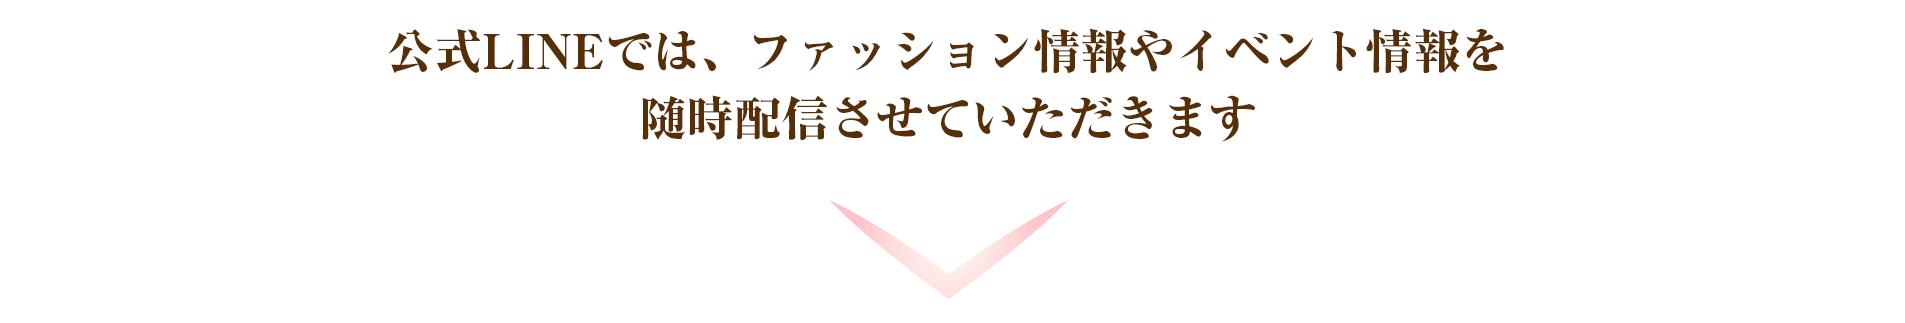 yokoikegami_thanks_04